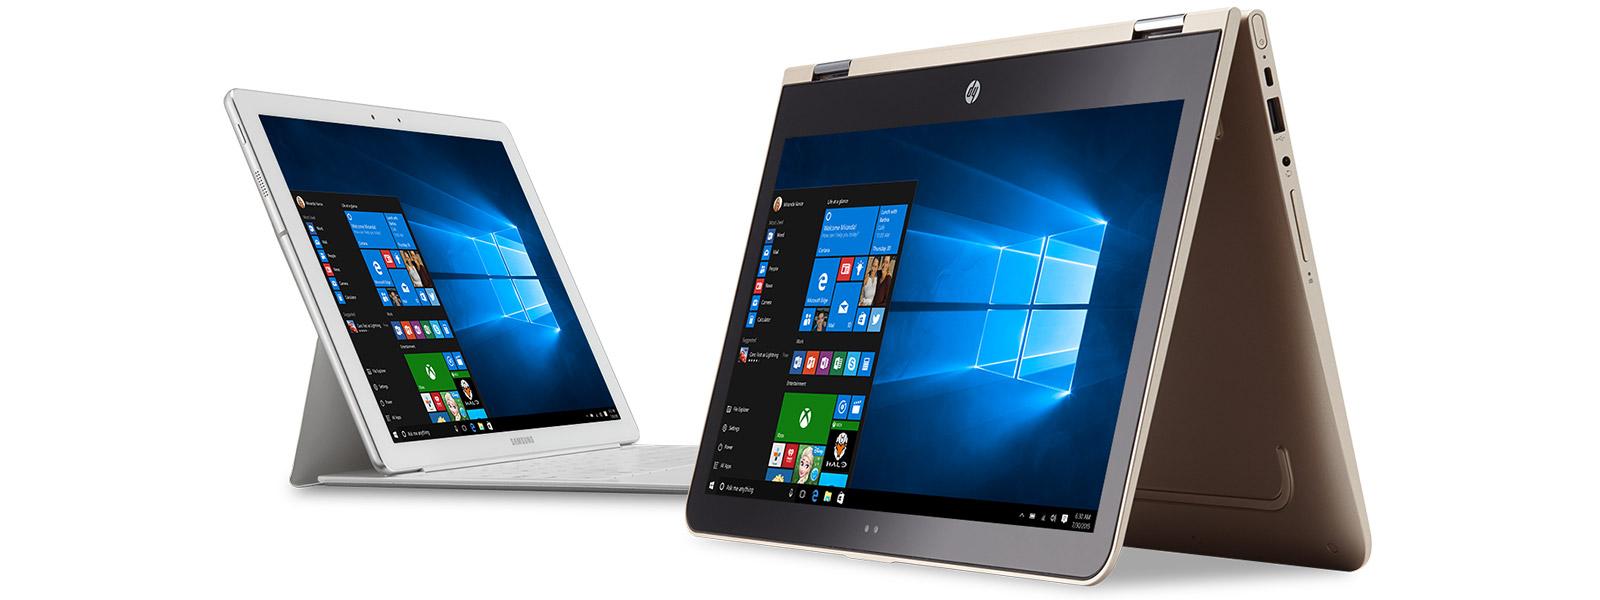 """""""Microsoft"""" įrenginiai su """"Windows"""" pradžios meniu"""